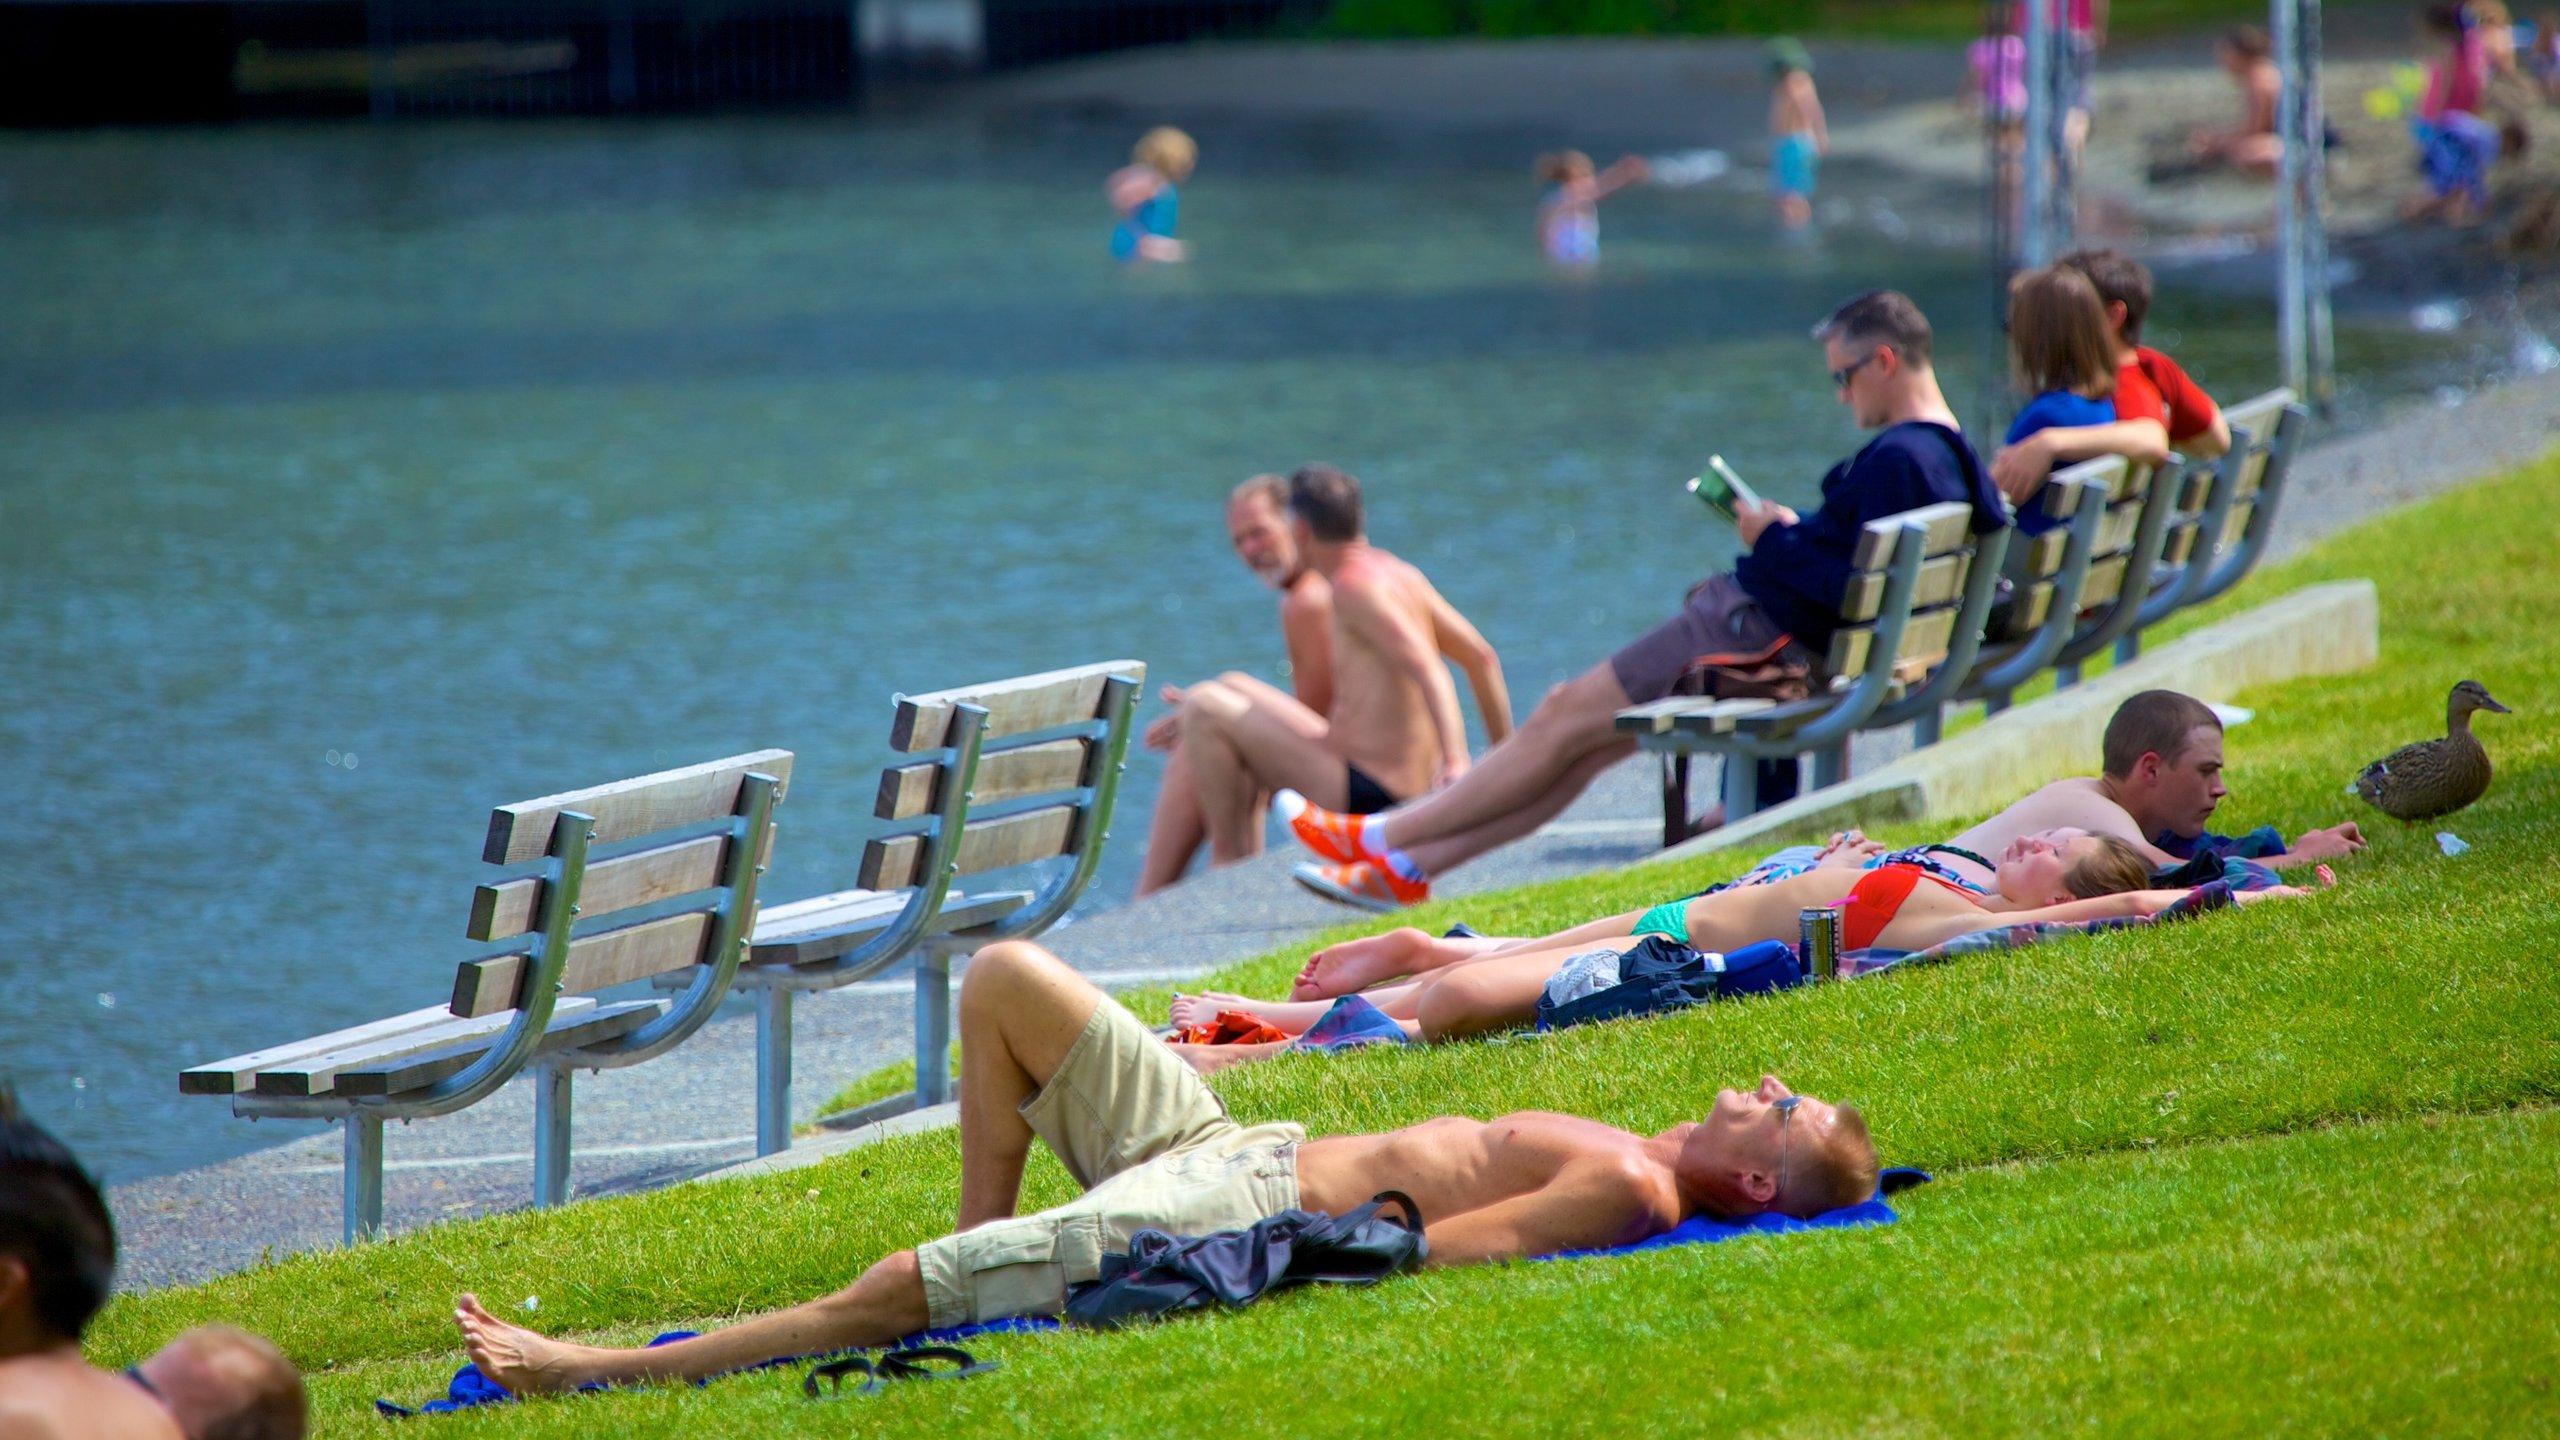 Lake Washington, Seattle, Washington, United States of America